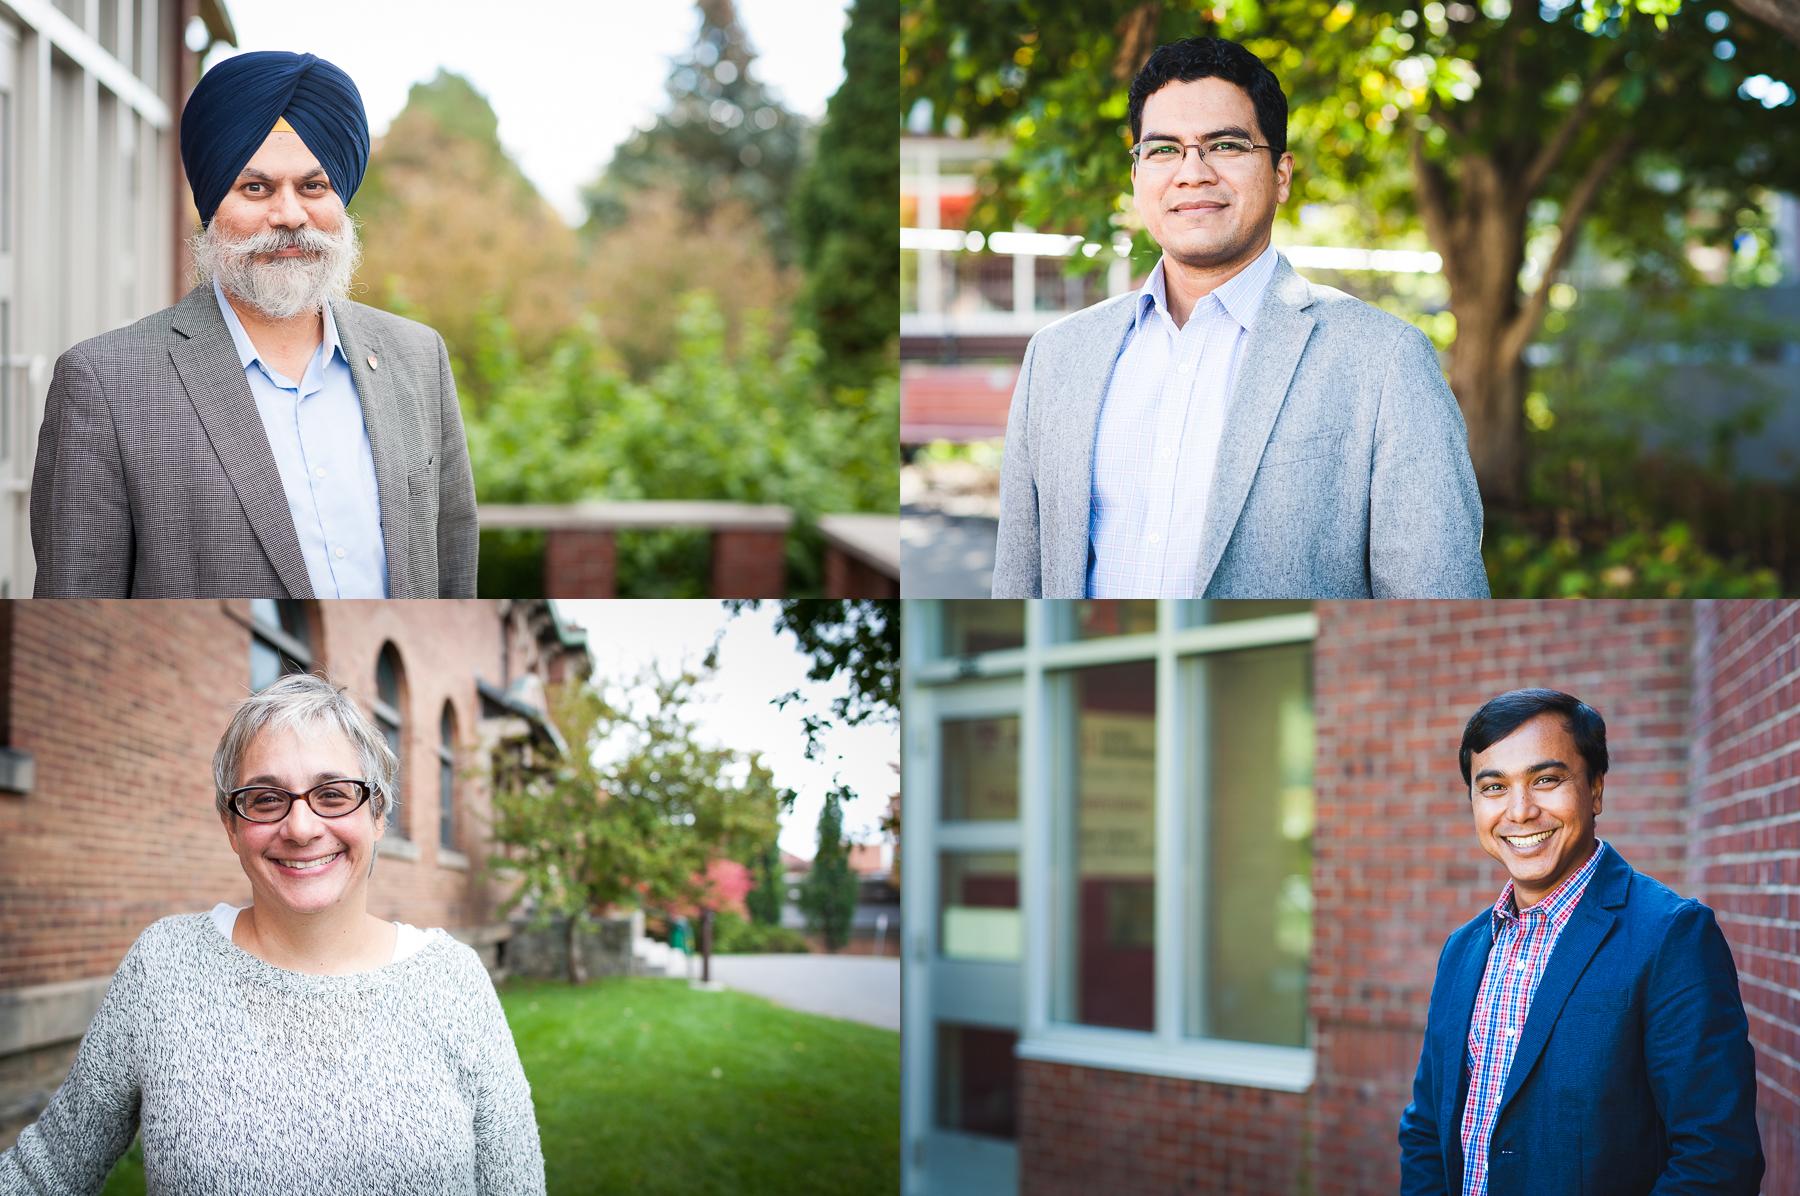 macdonald-campus-portraits.jpg